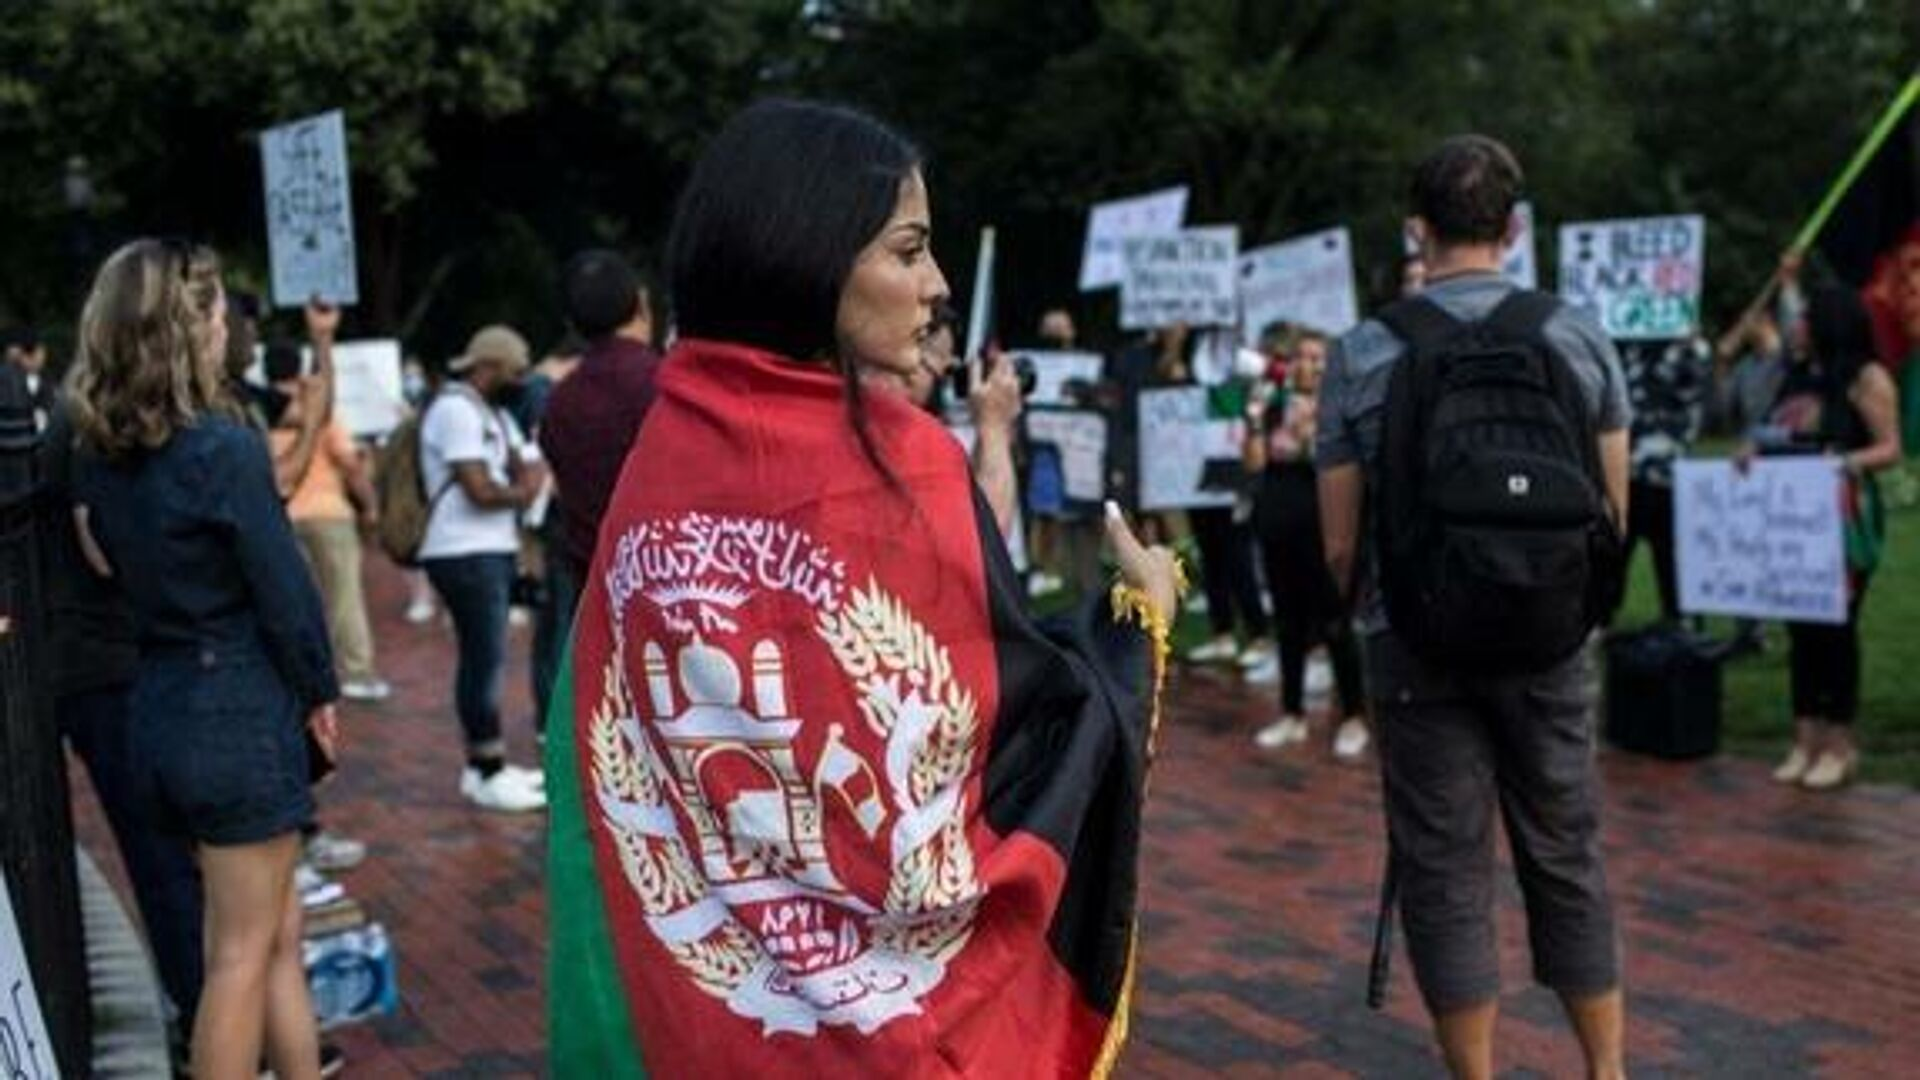 Protesta en Washington por la crisis humanitaria en Afganistán - Sputnik Mundo, 1920, 28.08.2021